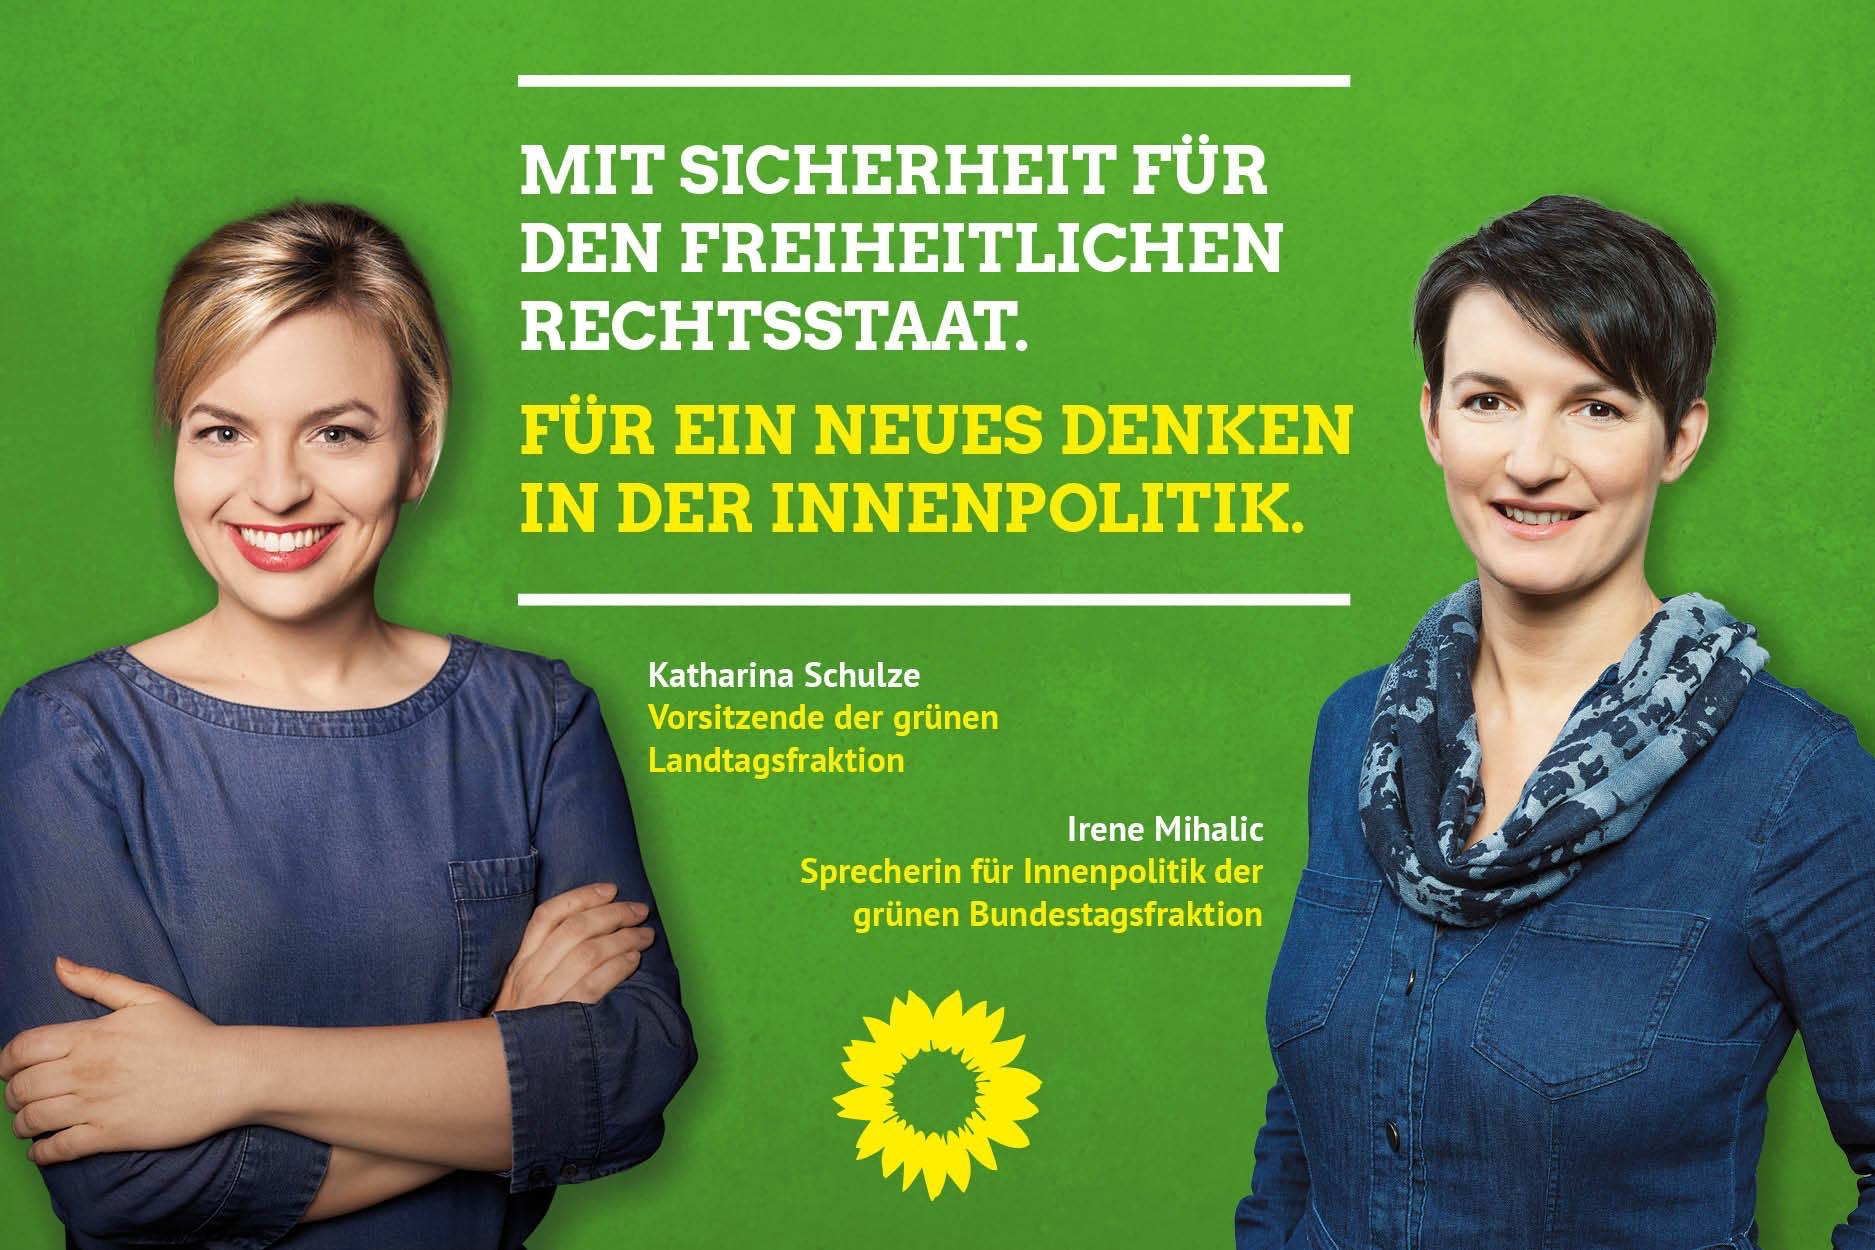 Irene Mihalic und Katharina Schulze